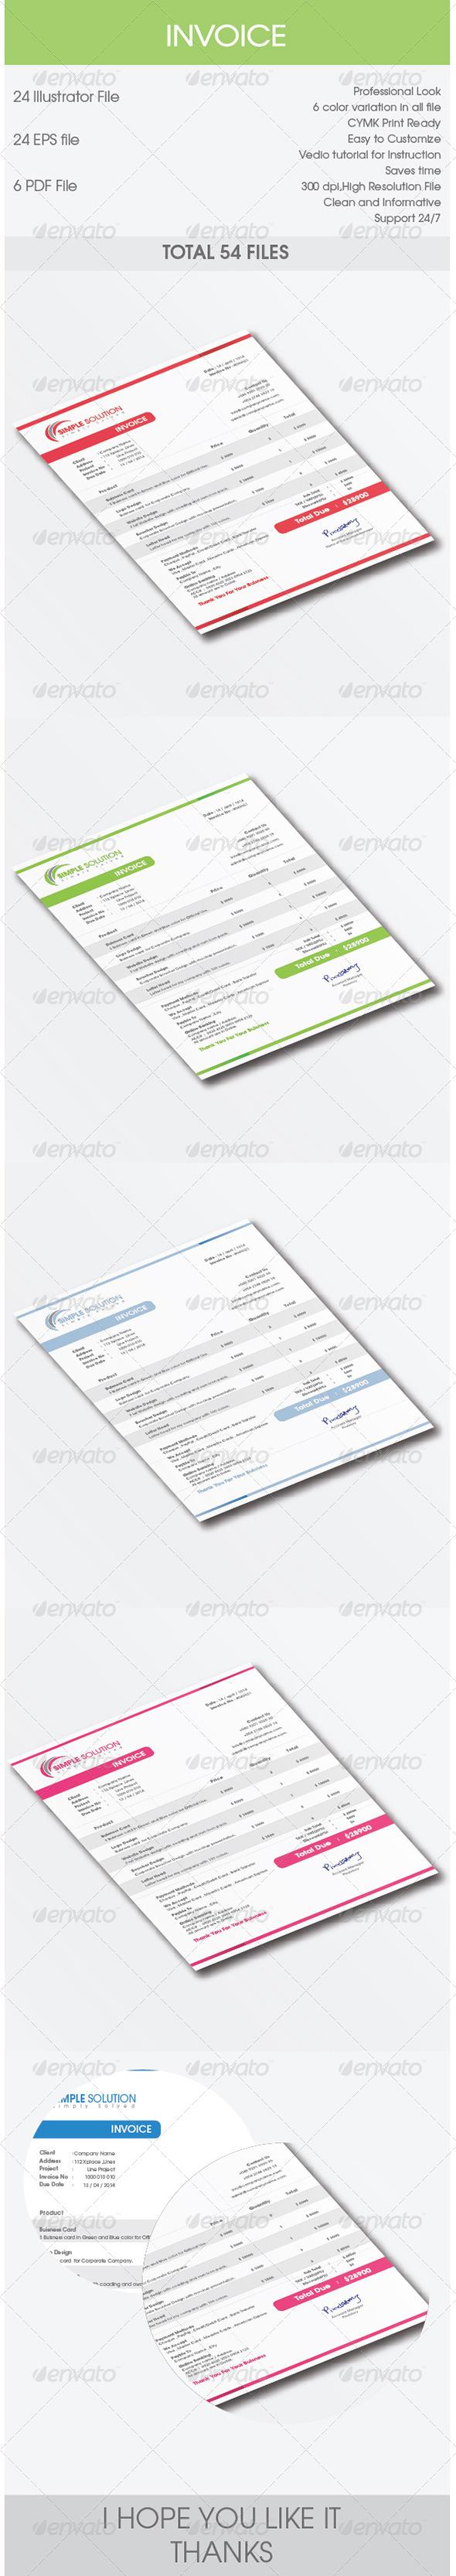 GraphicRiver Invoice Design 7650135